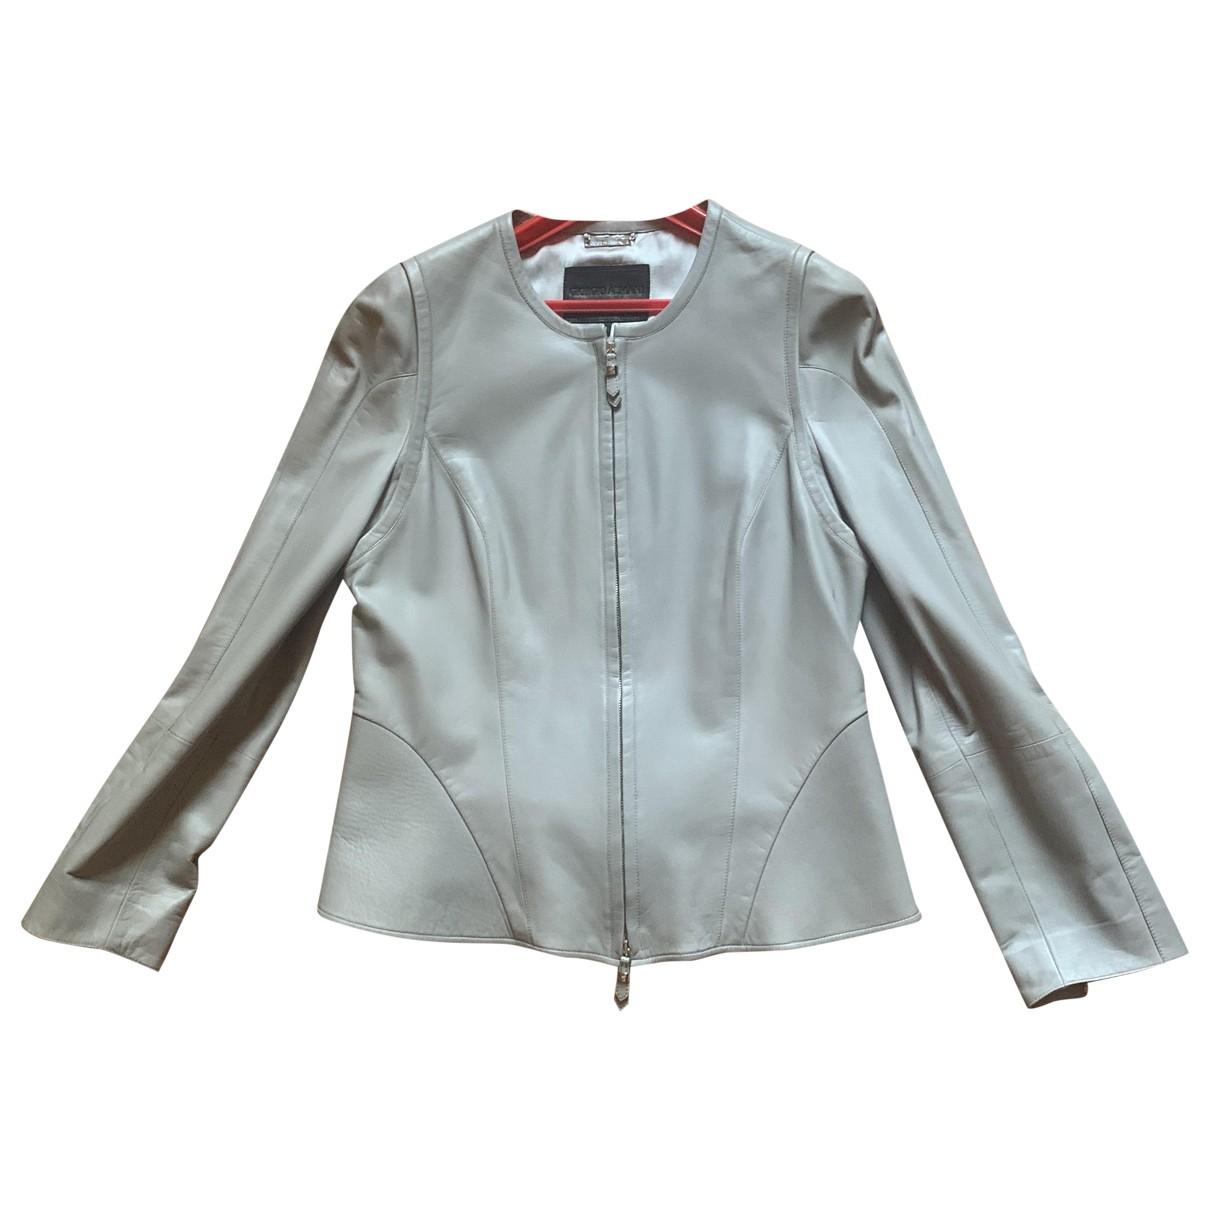 Giorgio Armani - Veste   pour femme en cuir - gris